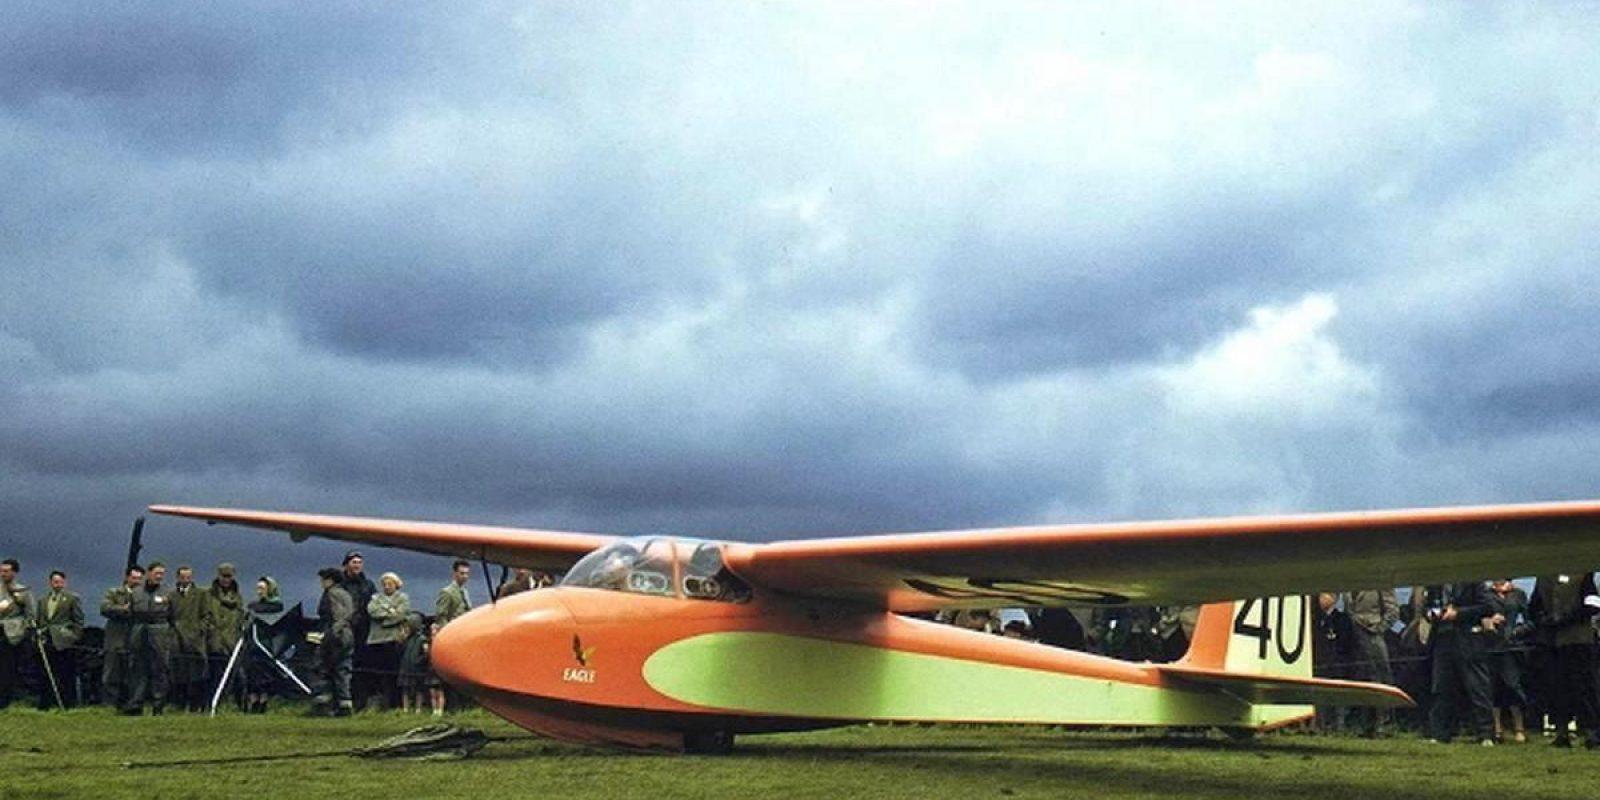 Le prototype du Slingsby T.42 « Eagle » ayant traversé la Manche. Cet élégant planeur a été détruit après une collision en plein vol avec un Slingsby Type 34 Sky près de Lasham (Hants) le 14 juin 1958. (Collection Philippe Roose)